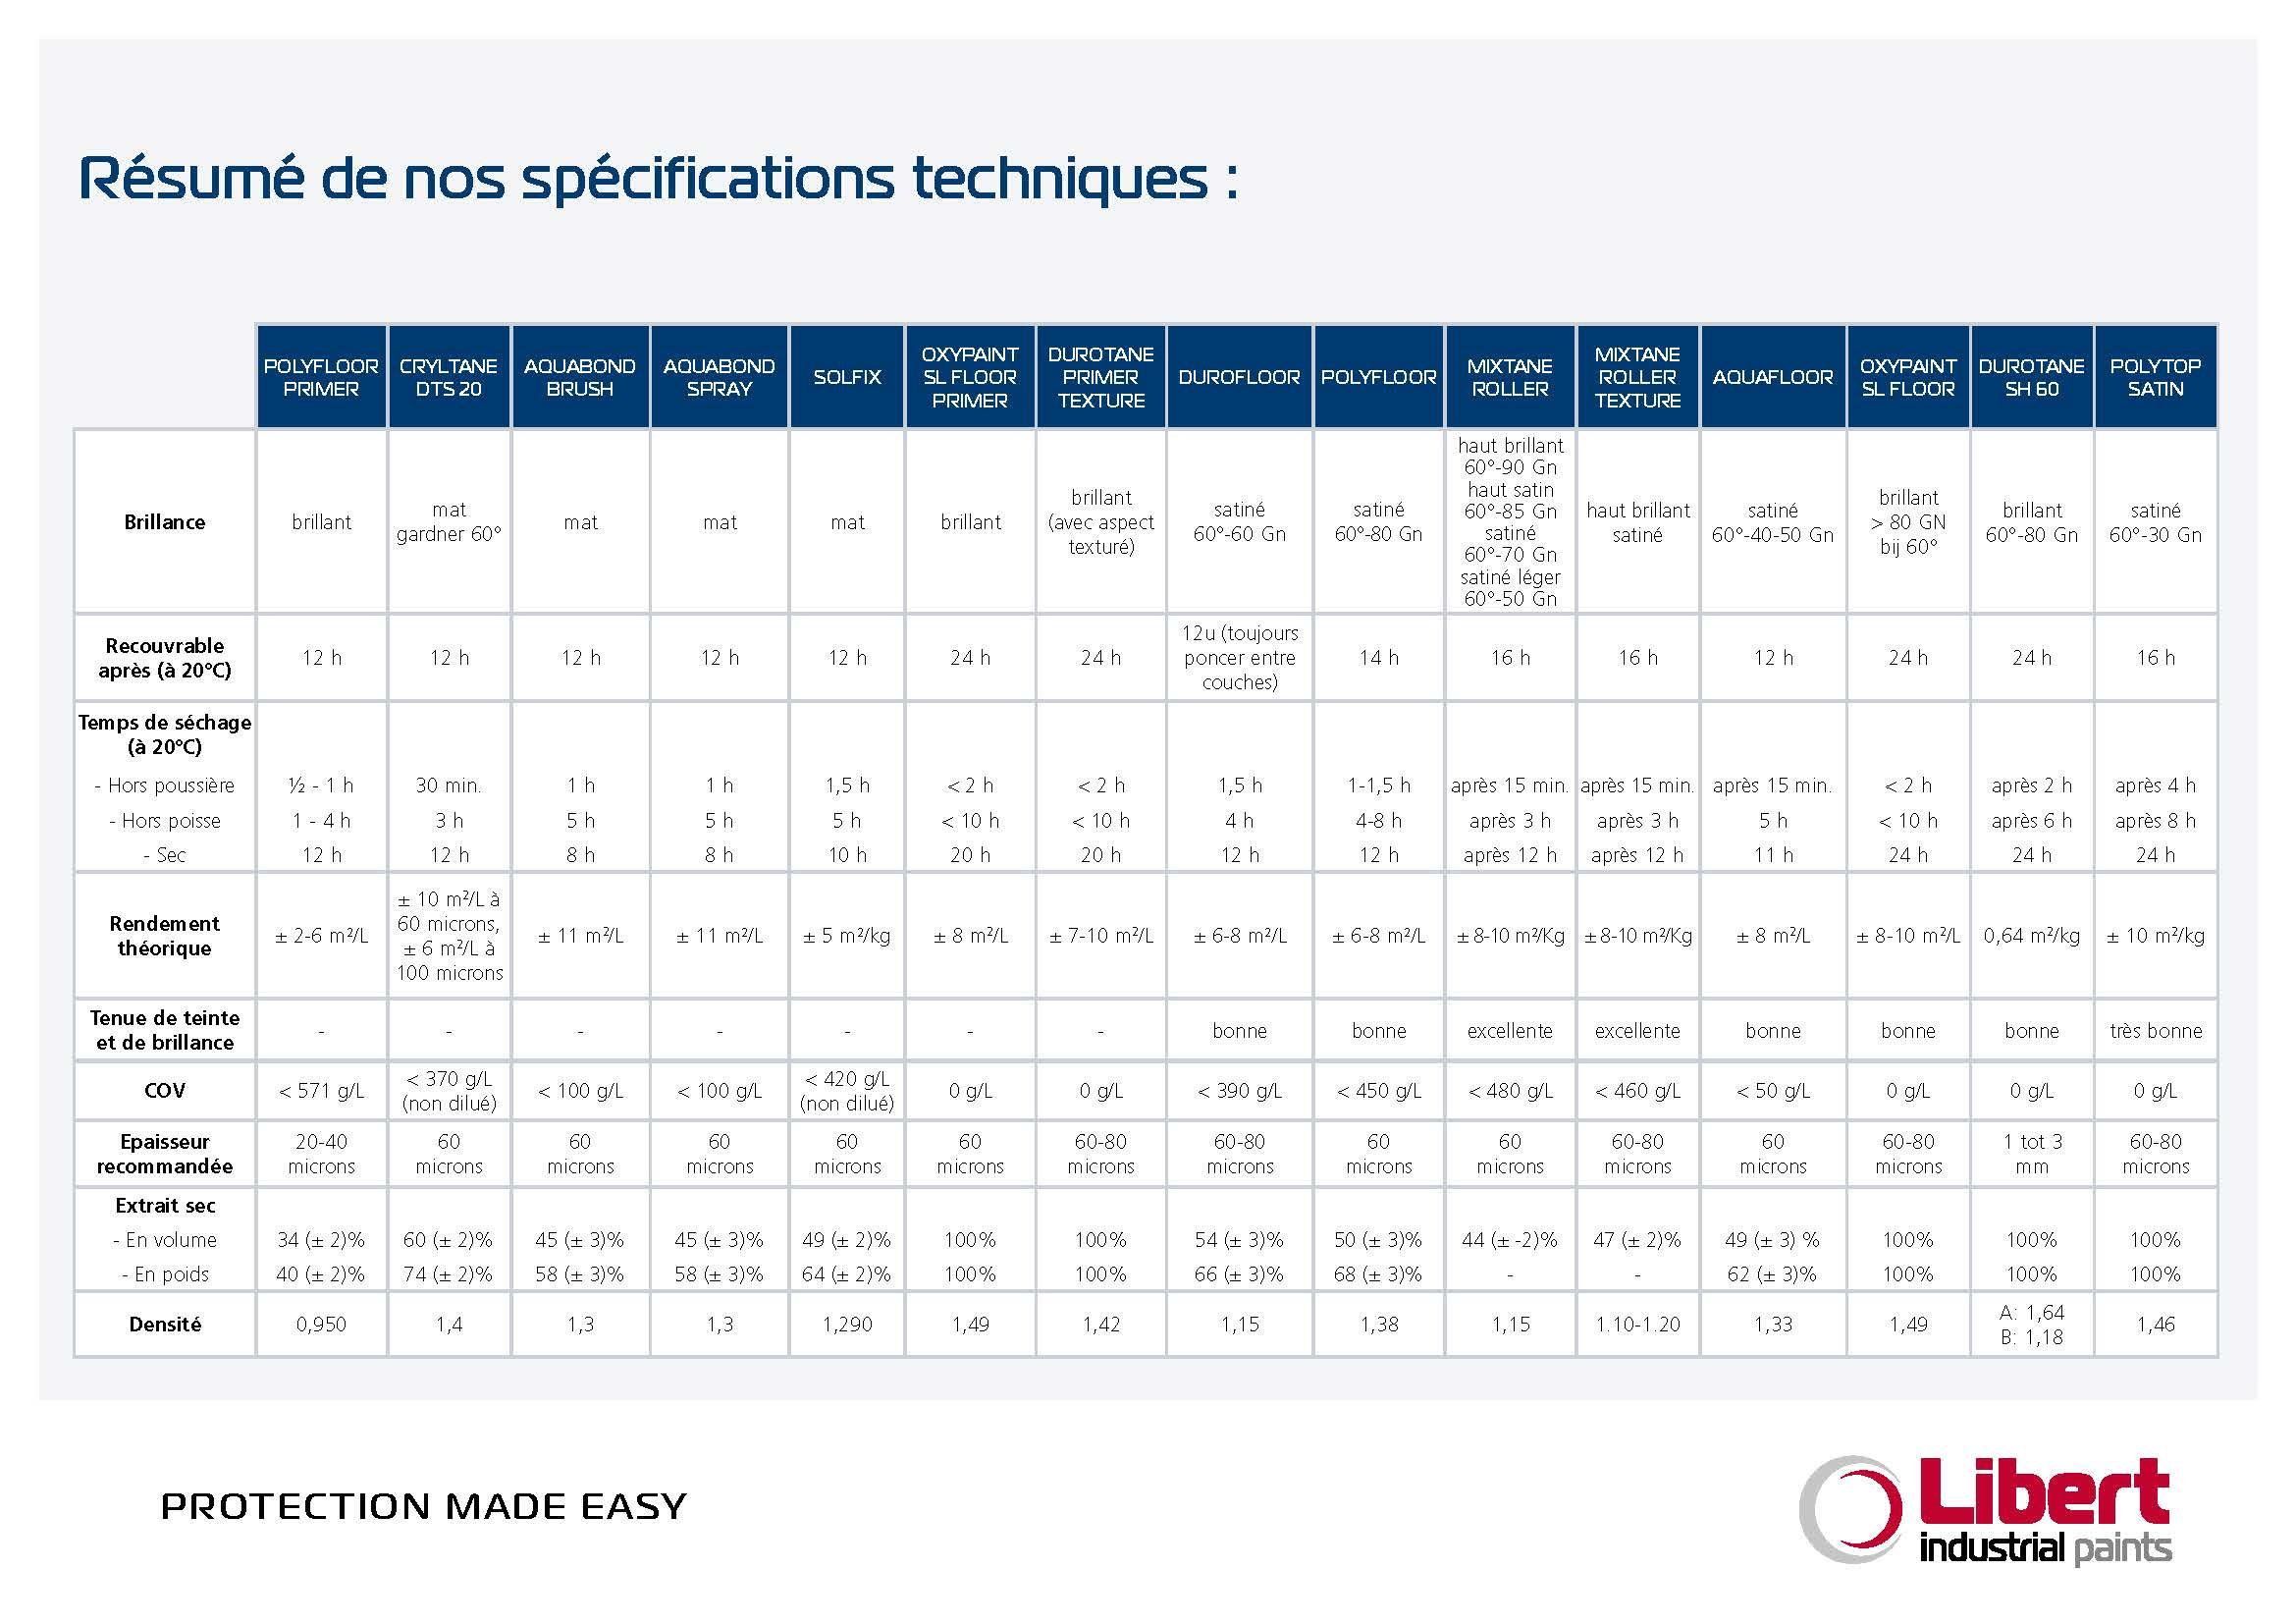 FR_Vloeren Technische specificaties.jpg